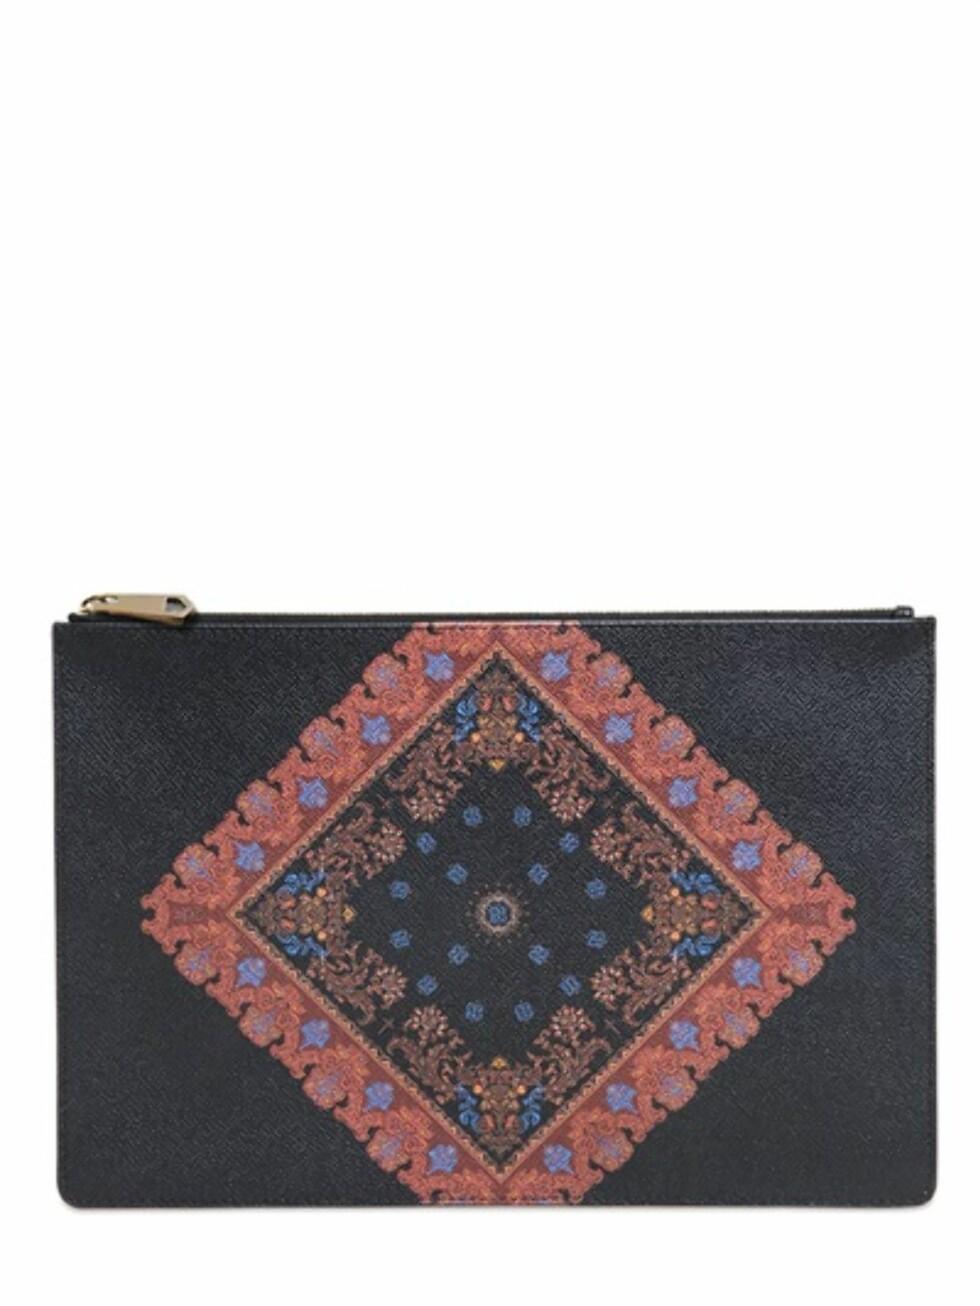 Clutch fra Givenchy via Luisaviaroma.com, før kroner 3243 - nå kroner 2270. Foto: Luisaviaroma.com